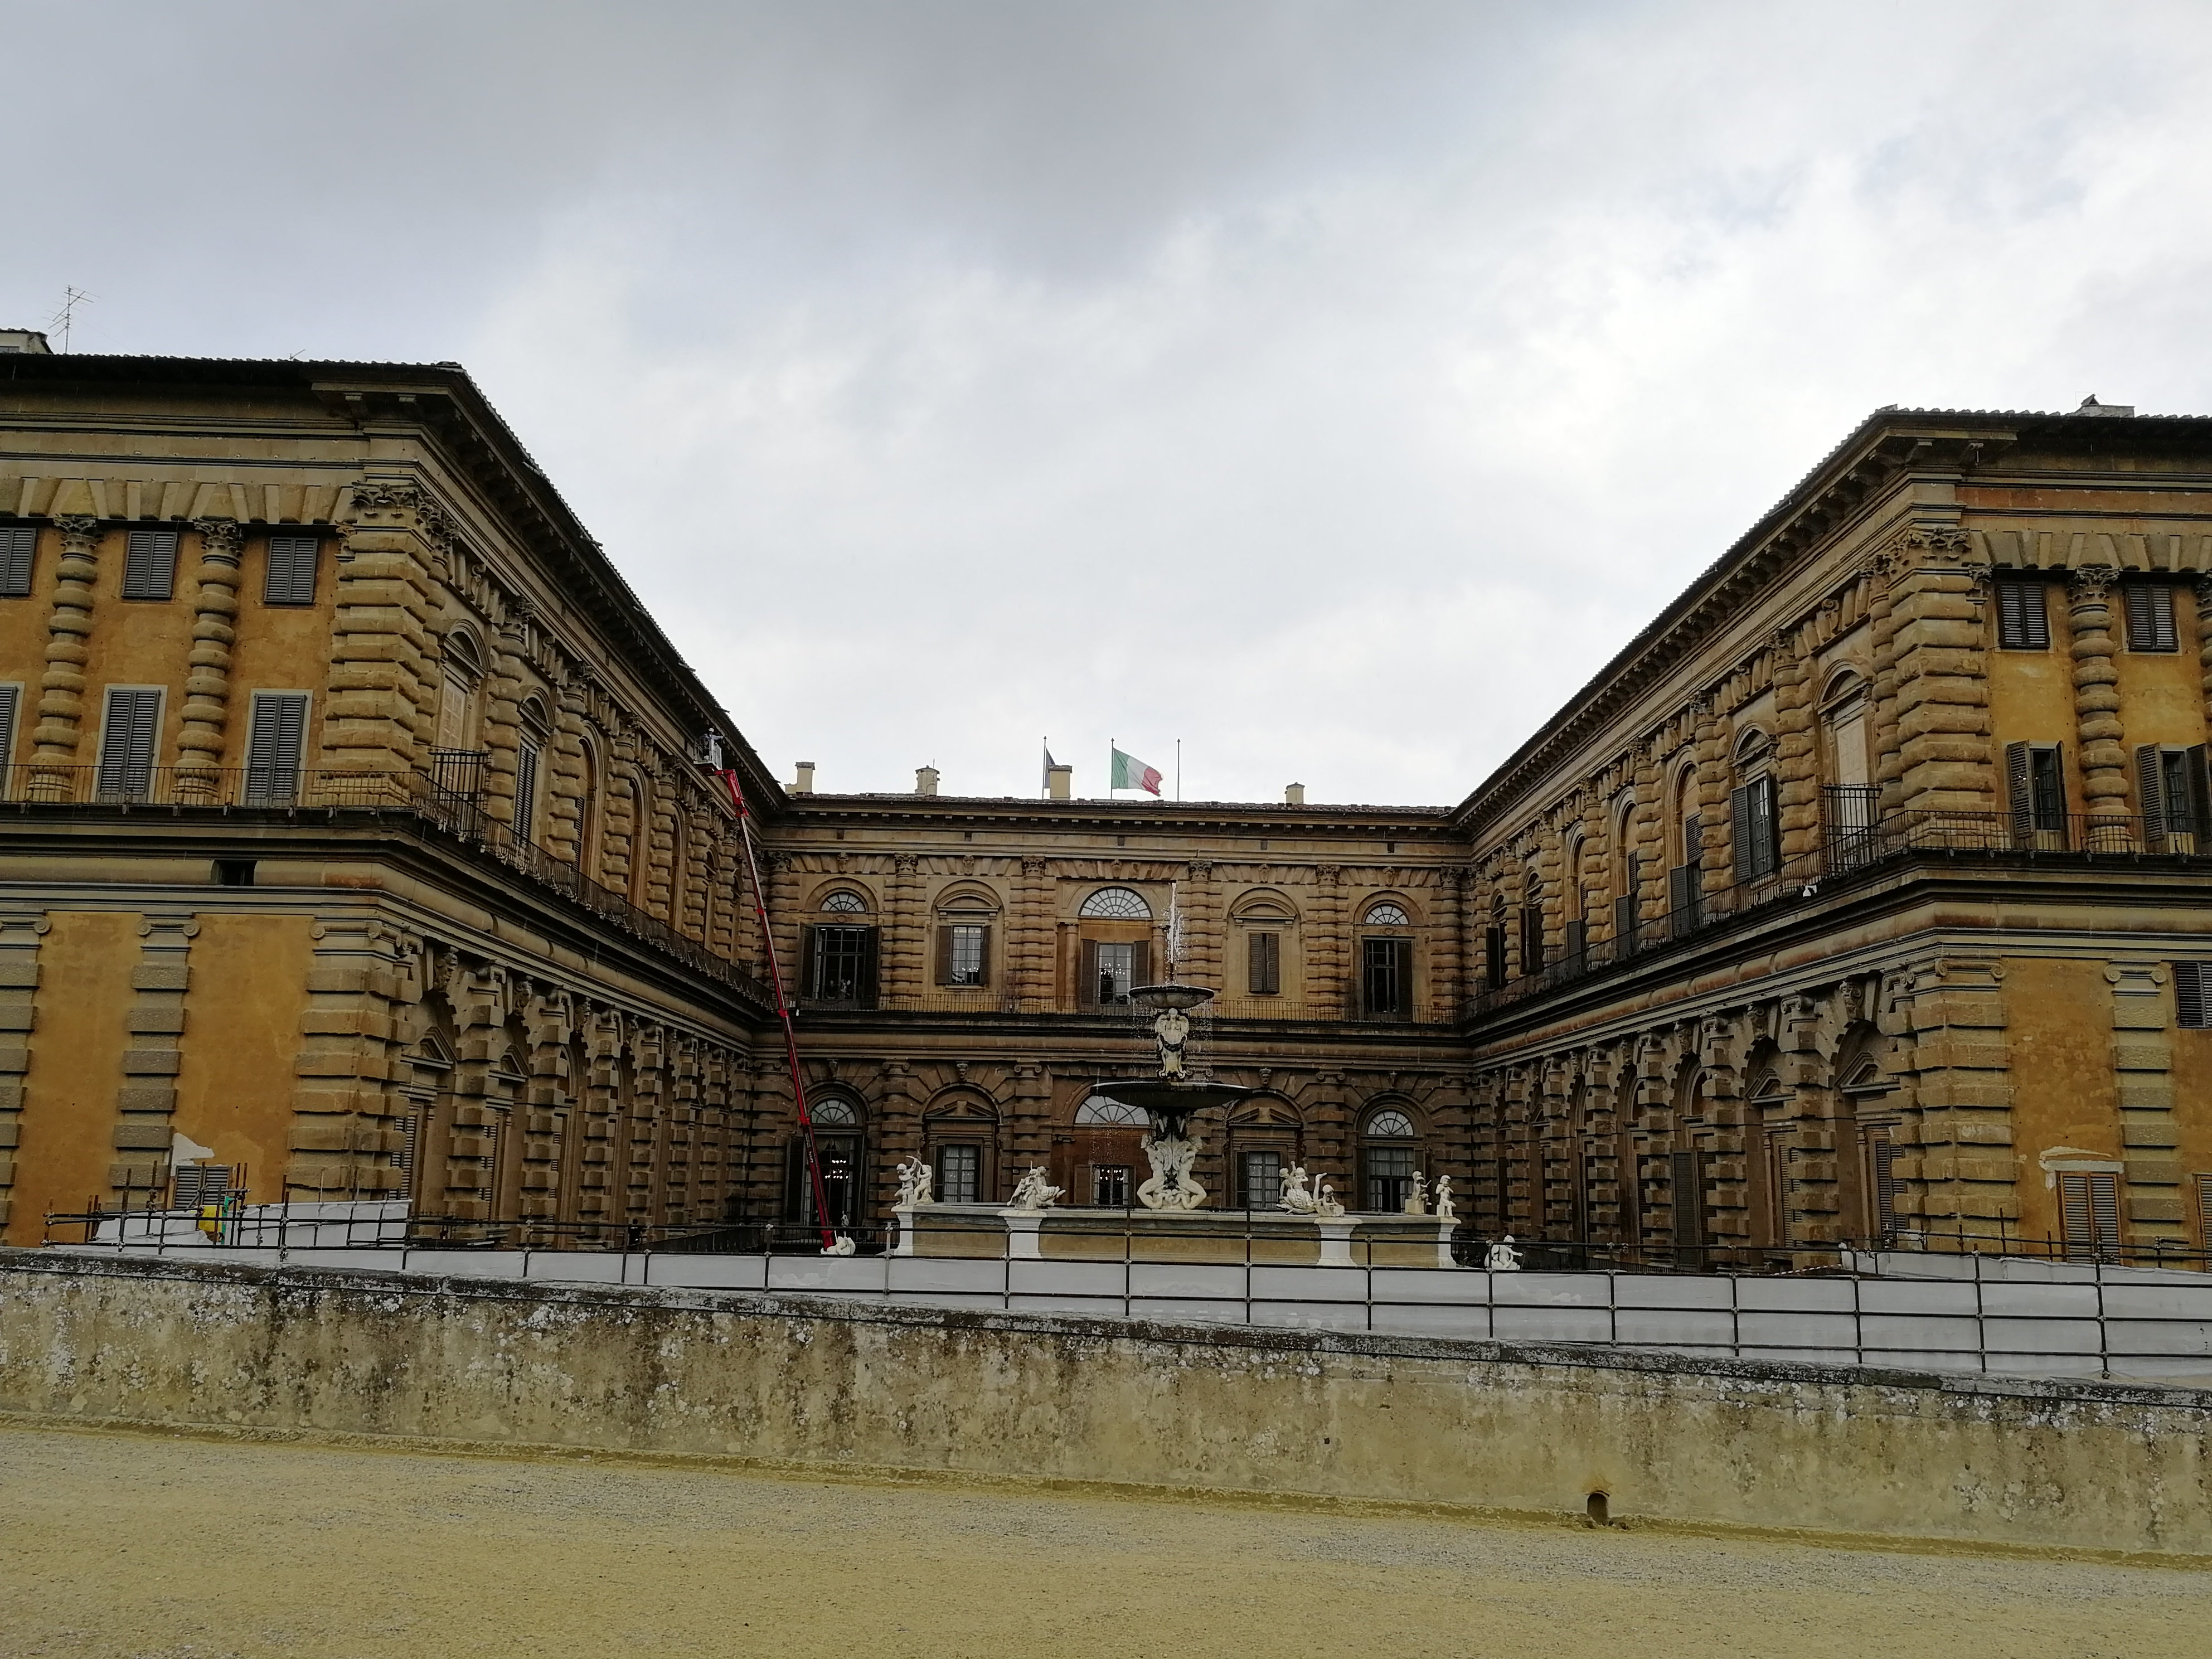 Pitti-palota